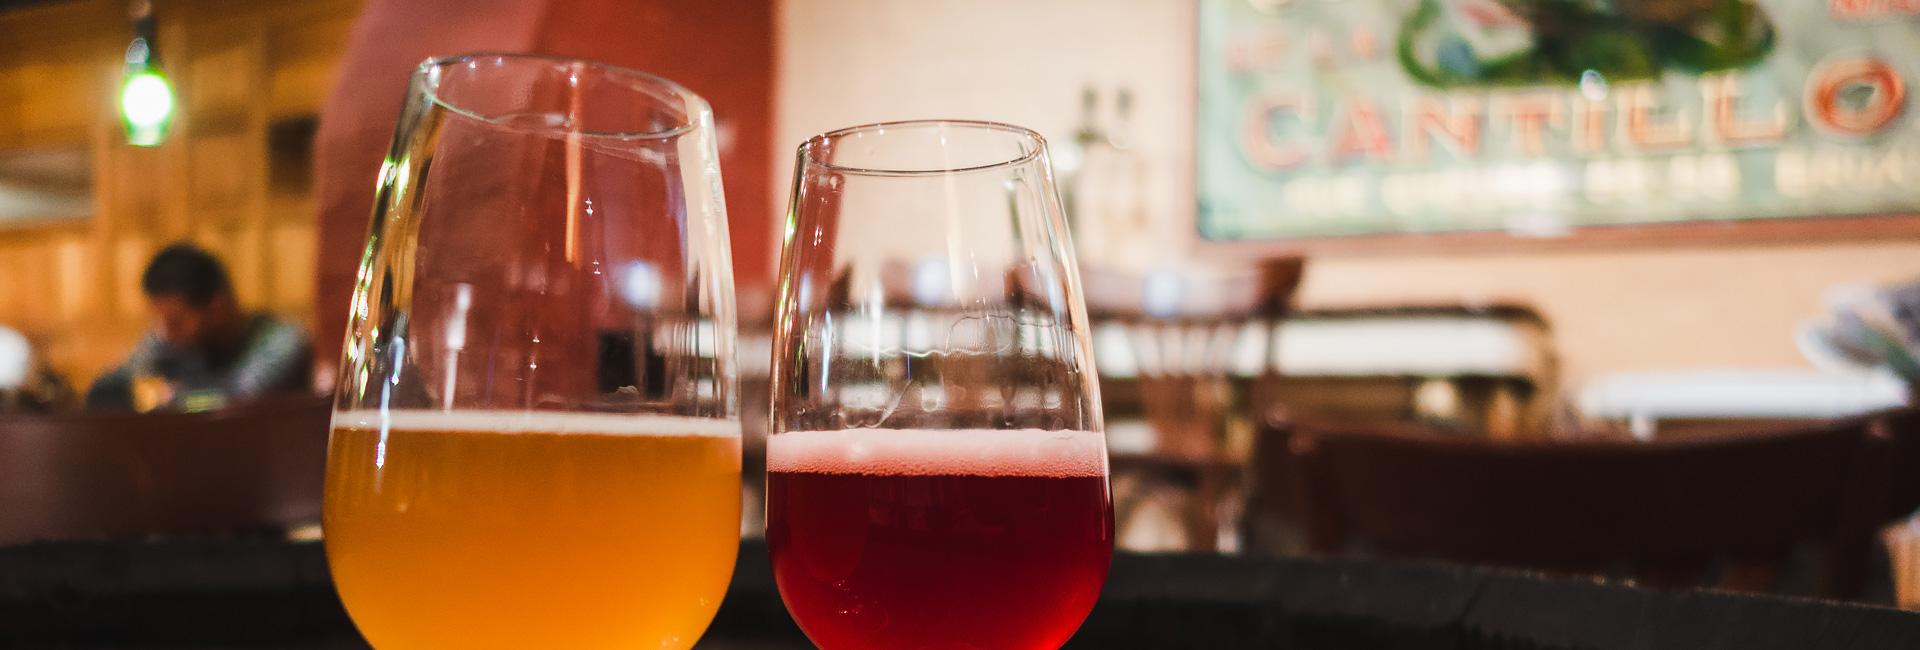 Beer in Brussels, Belgium